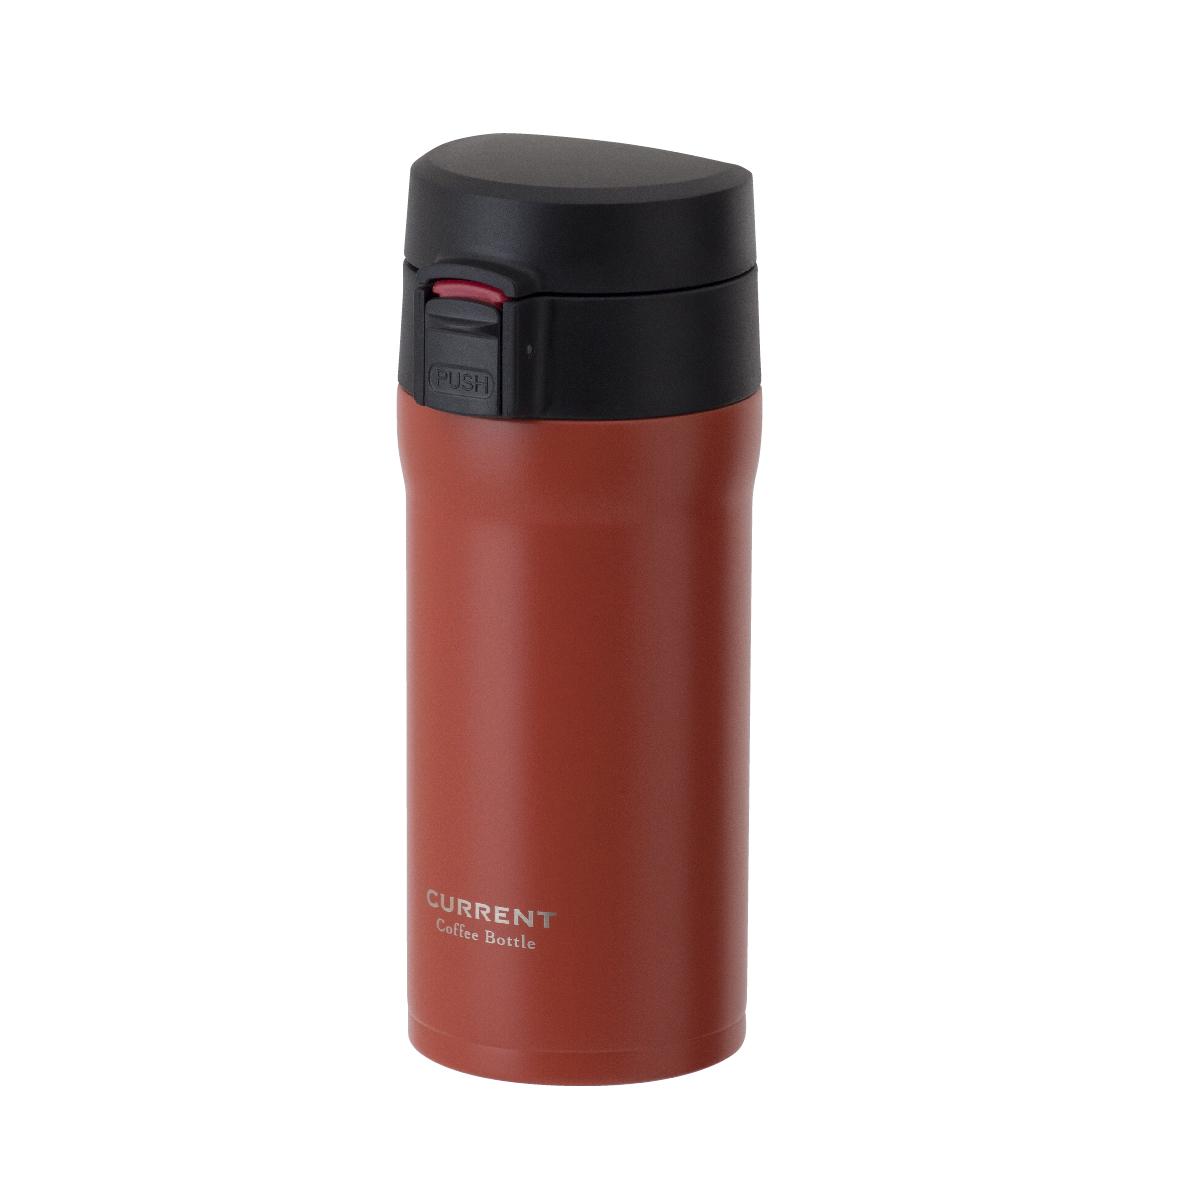 CURRENT コーヒーワンタッチボトル 350ml オレンジ image01